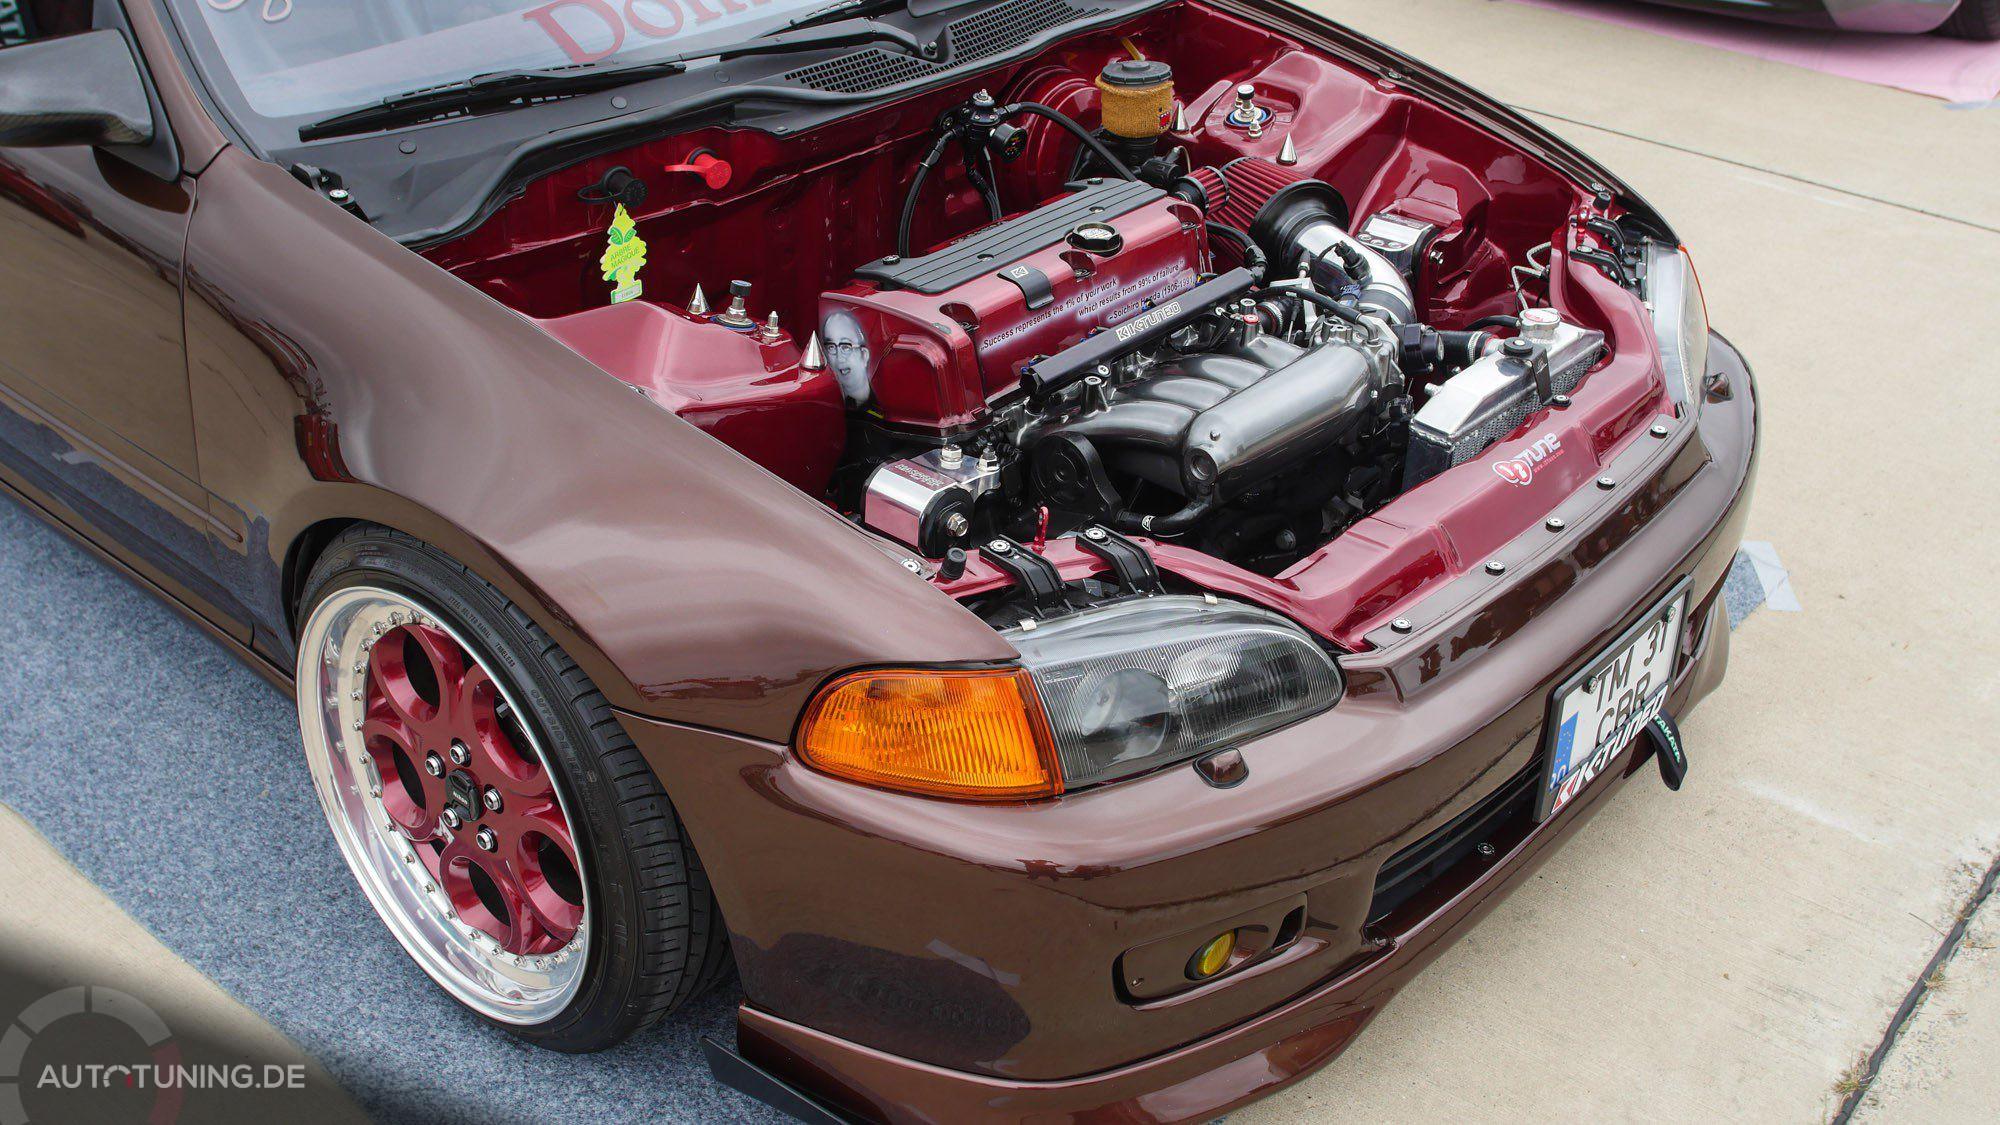 Die fehlende Motorhaube gewährt einen freien Blick auf den Motorraum des Honda Civic.